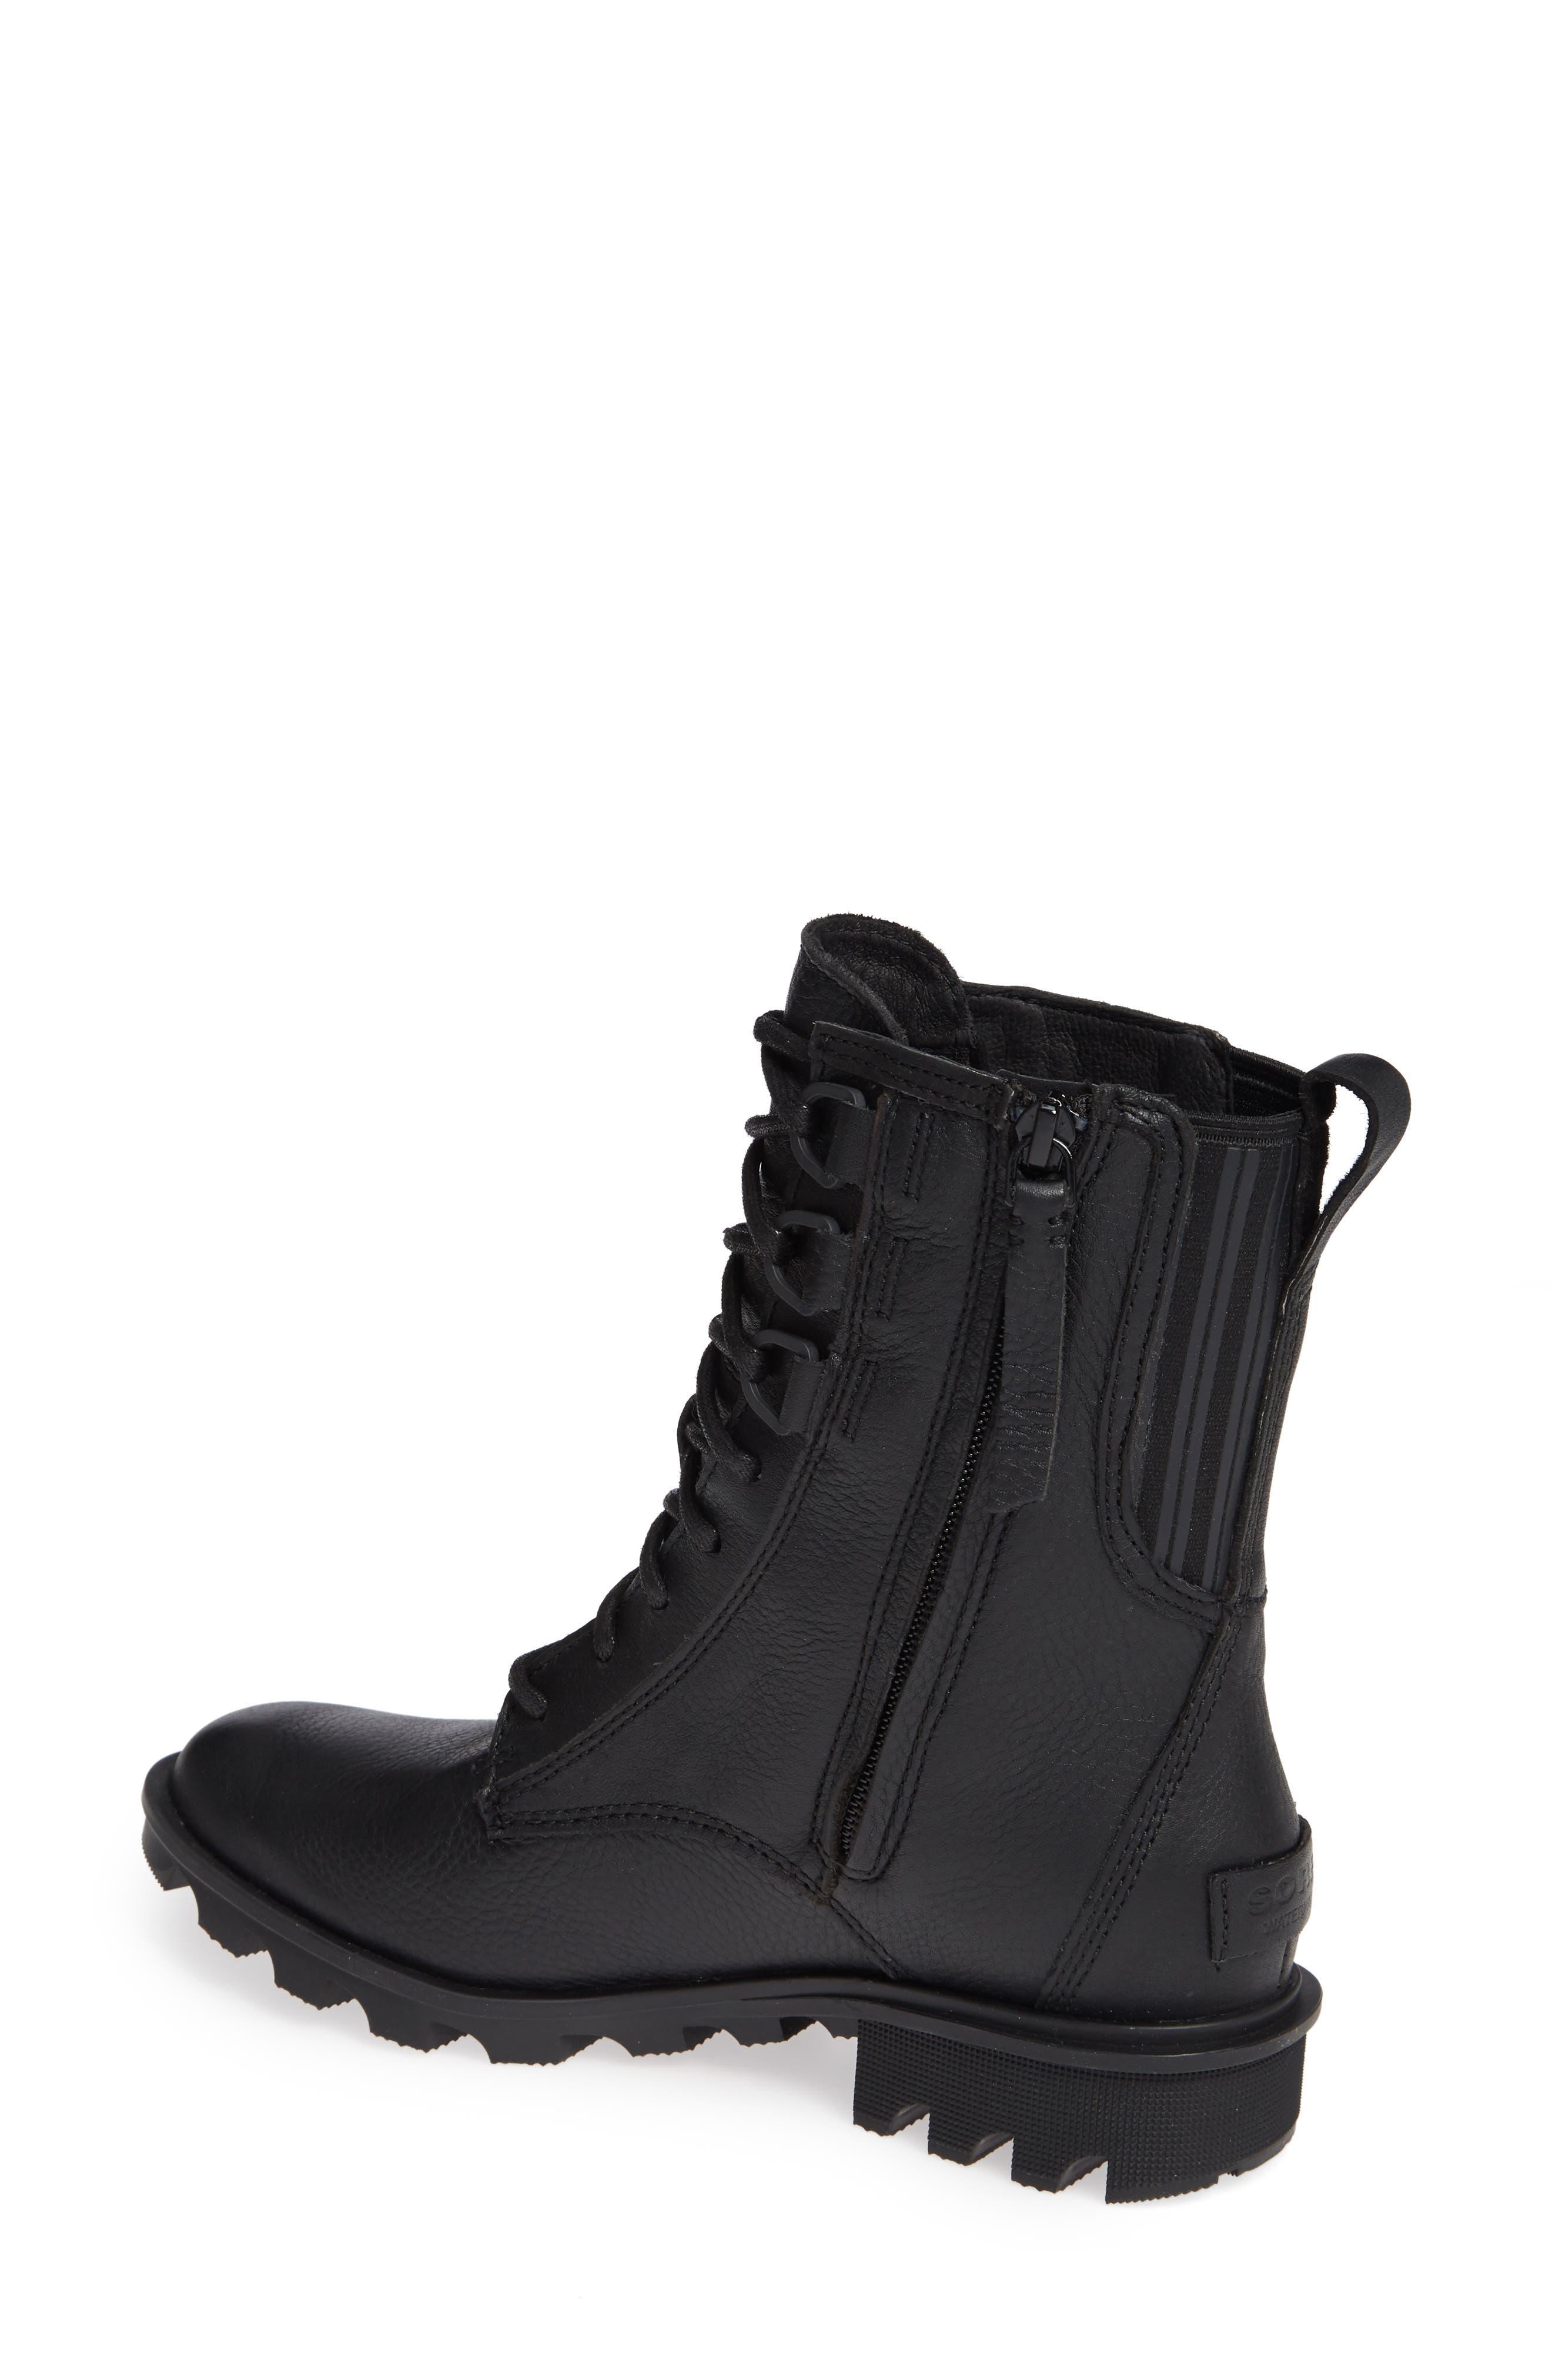 Phoenix Lace-Up Boot,                             Alternate thumbnail 2, color,                             BLACK